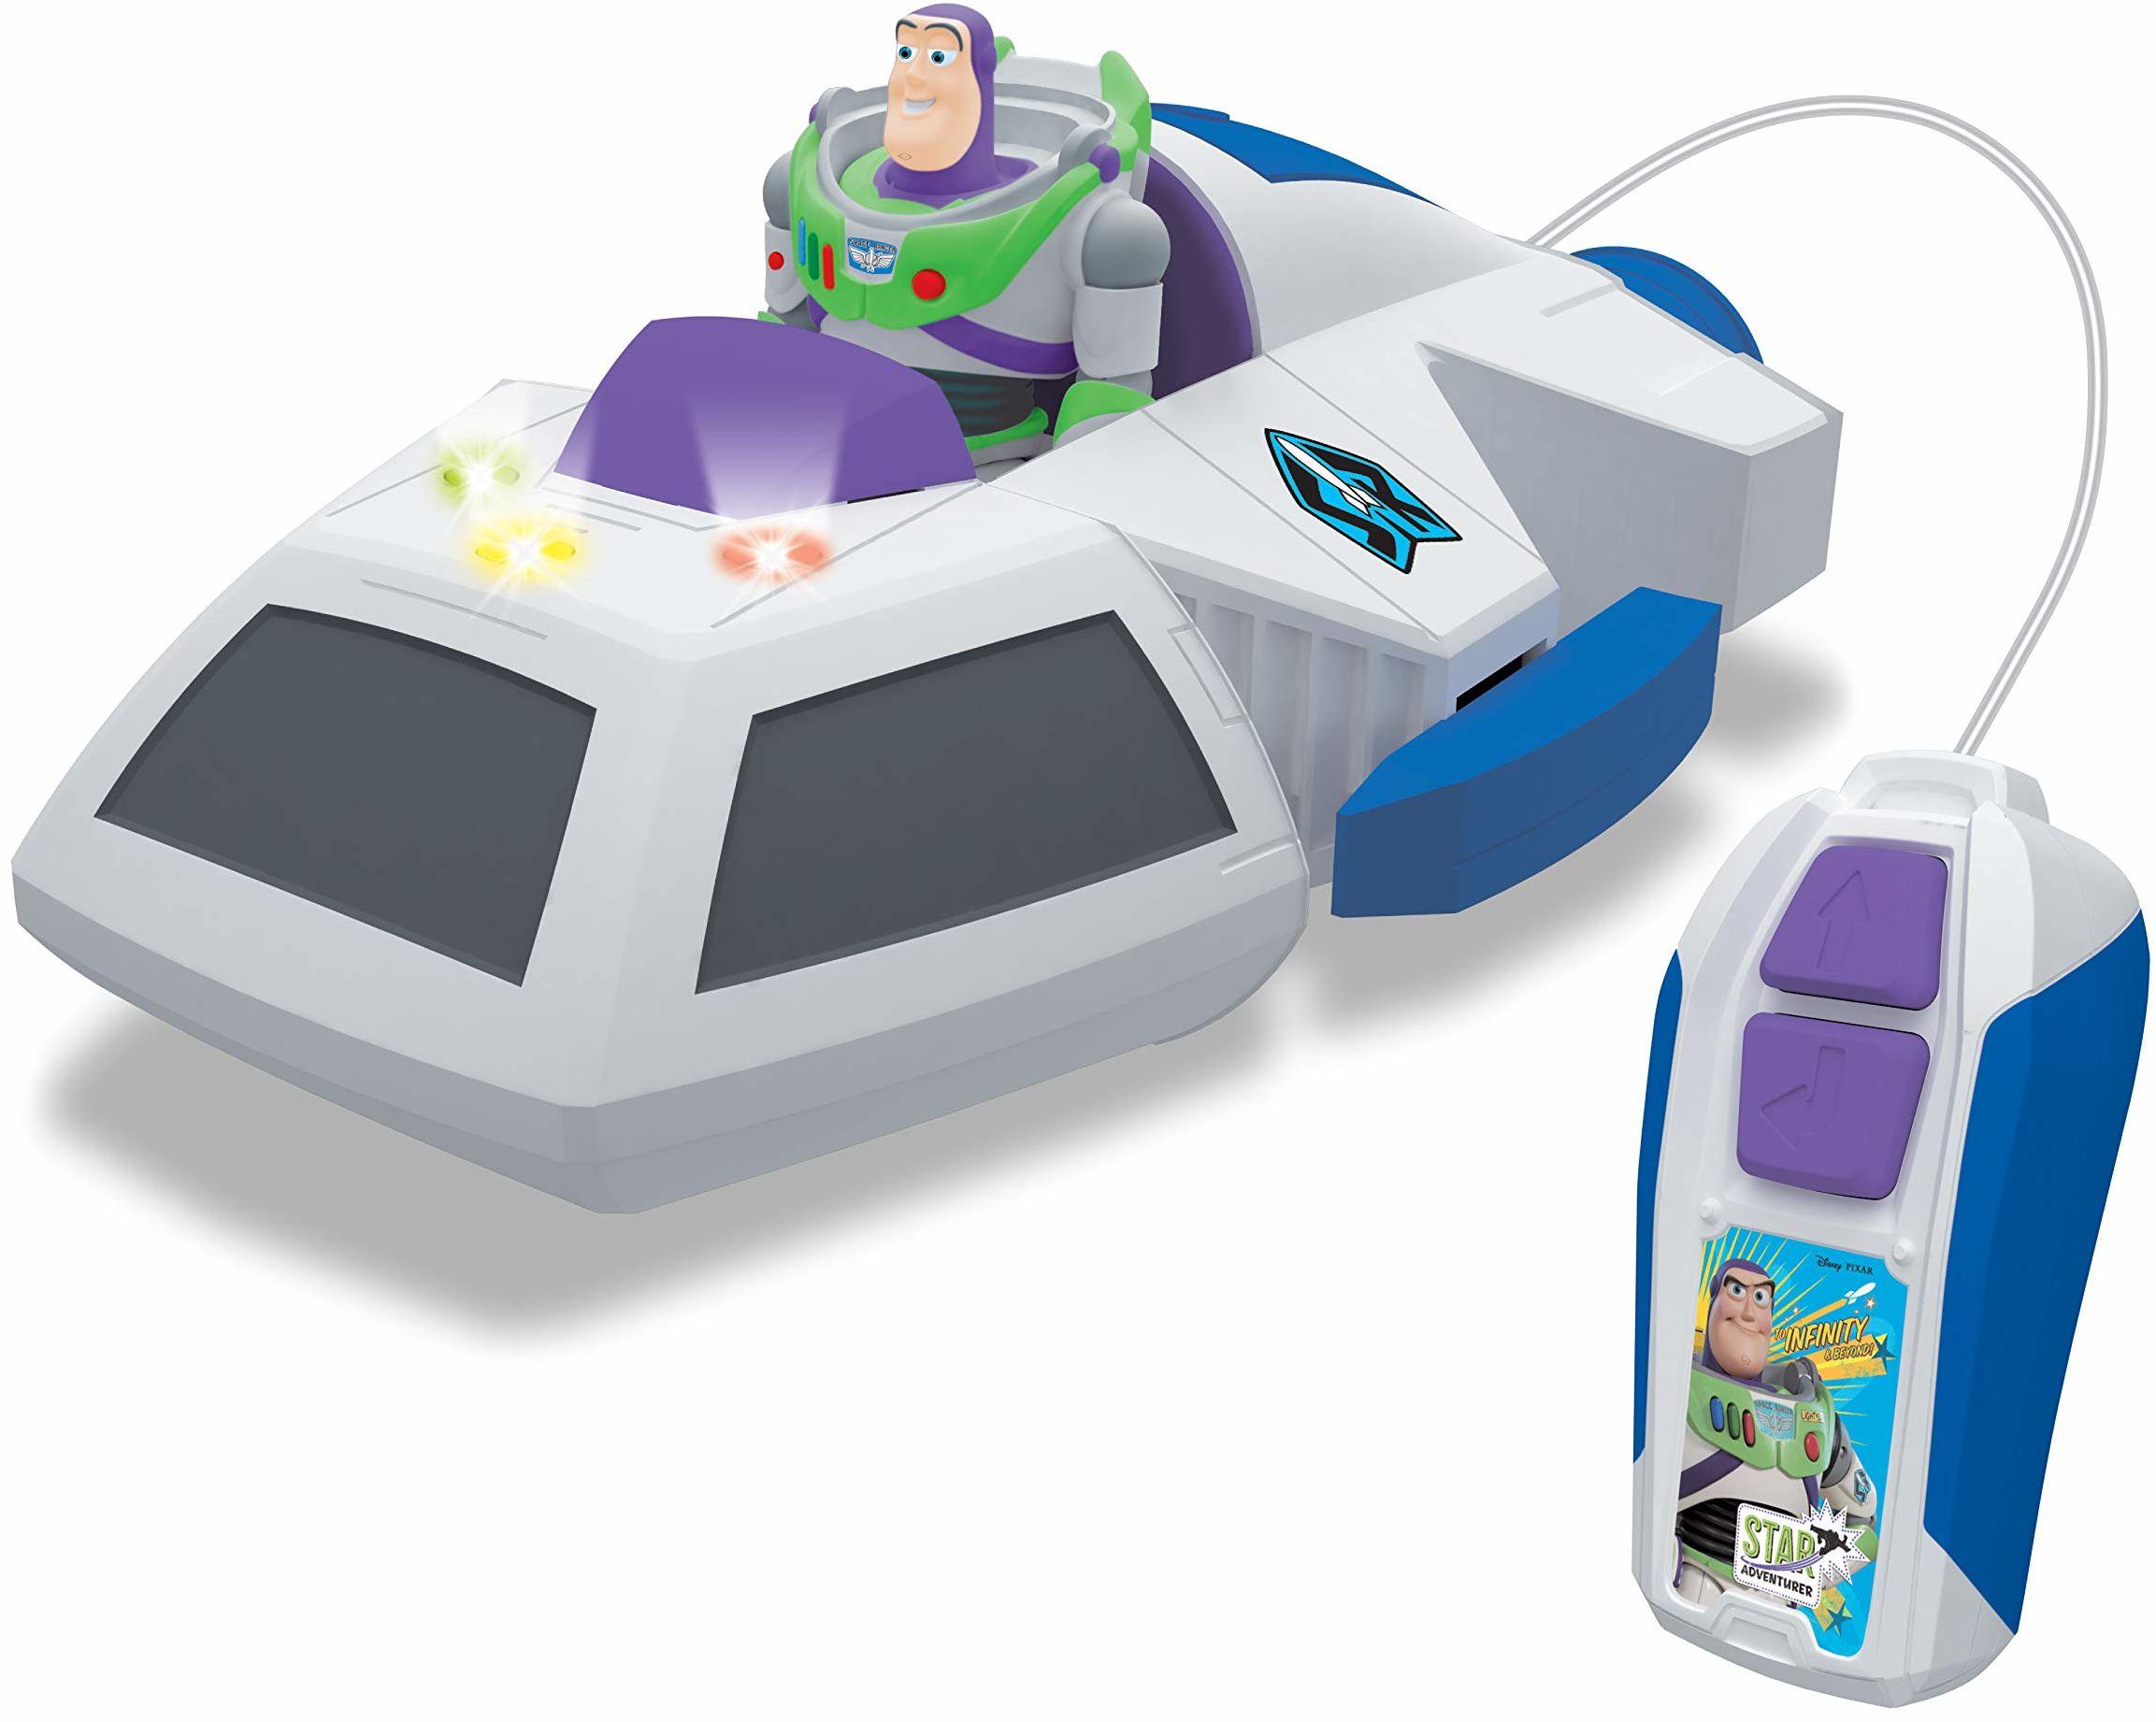 Dickie Toys Toy Story 4 Space Ship Buzz figurka Buzz Lightyear, zdalnie sterowana zabawka Toy Story 4, zabawka do zabawy z sterowaniem radiowym, dla dzieci od 3 lat